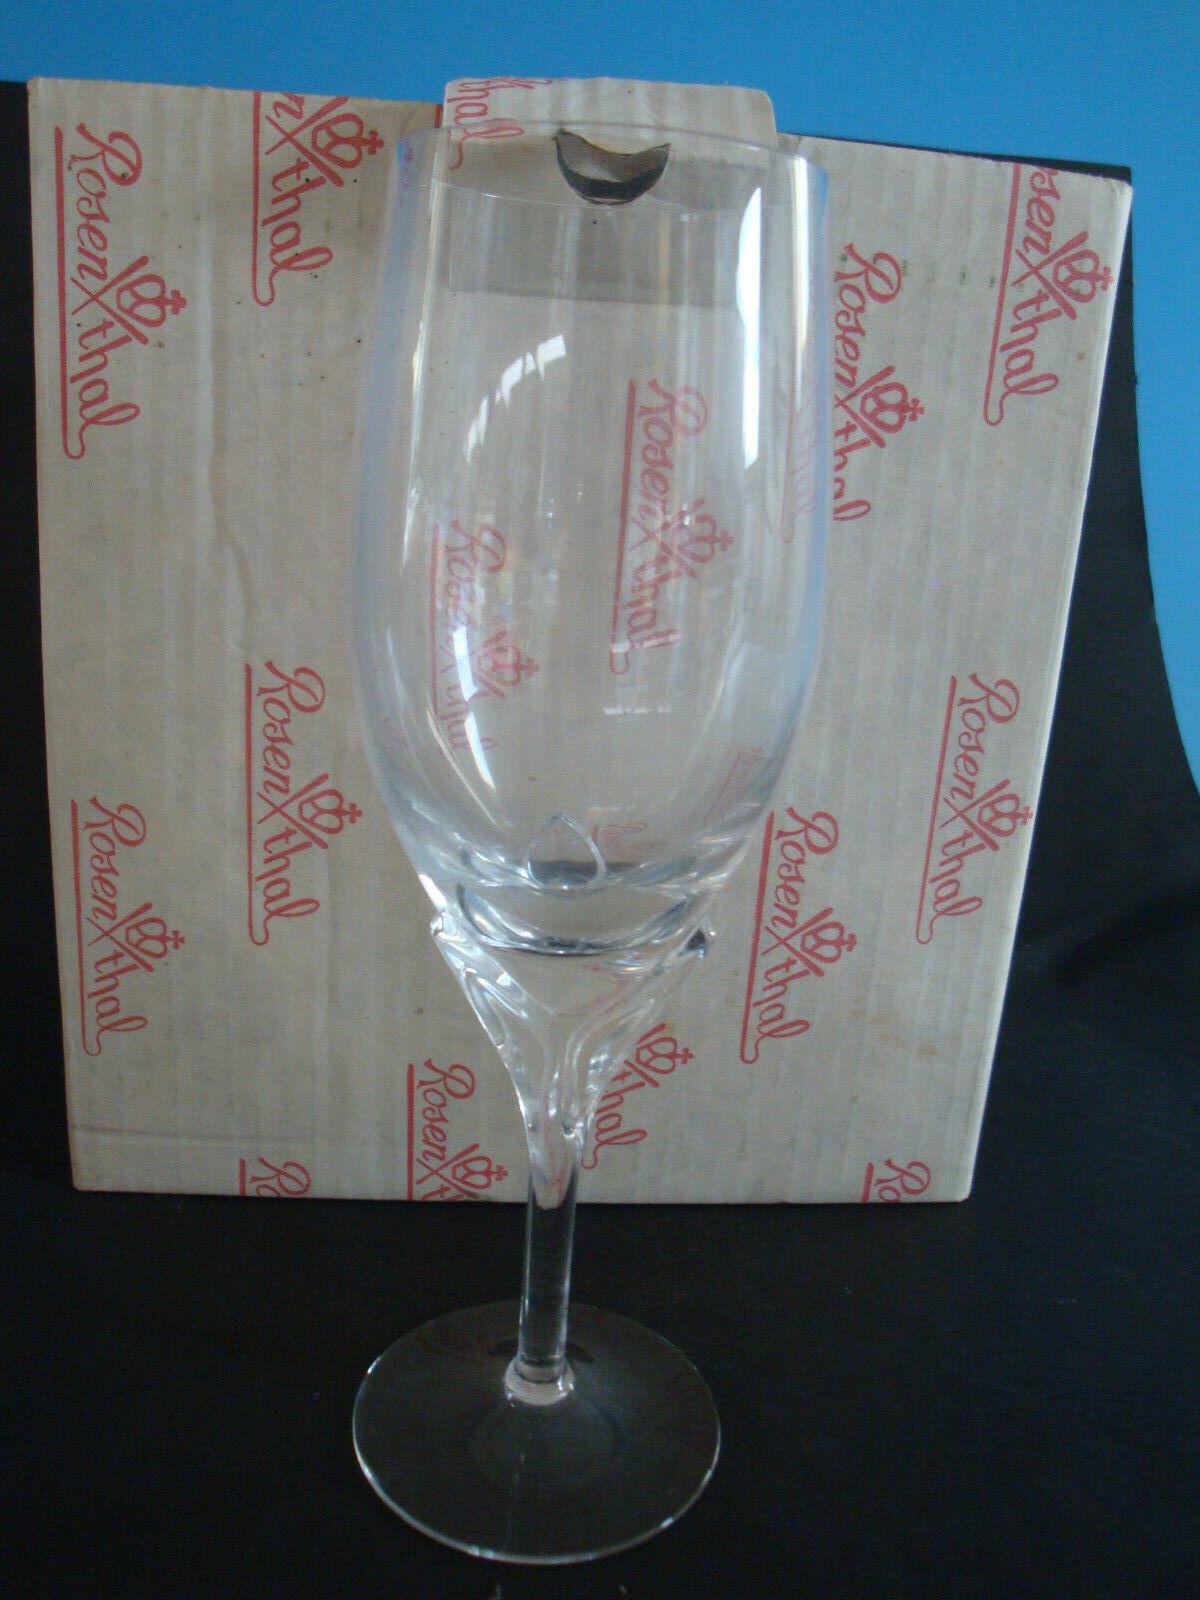 RS0918-734  Rosanthal Glas 6 6 6 Pilsgläser Modell 19800 | Neue Produkte im Jahr 2019  b6cc0d